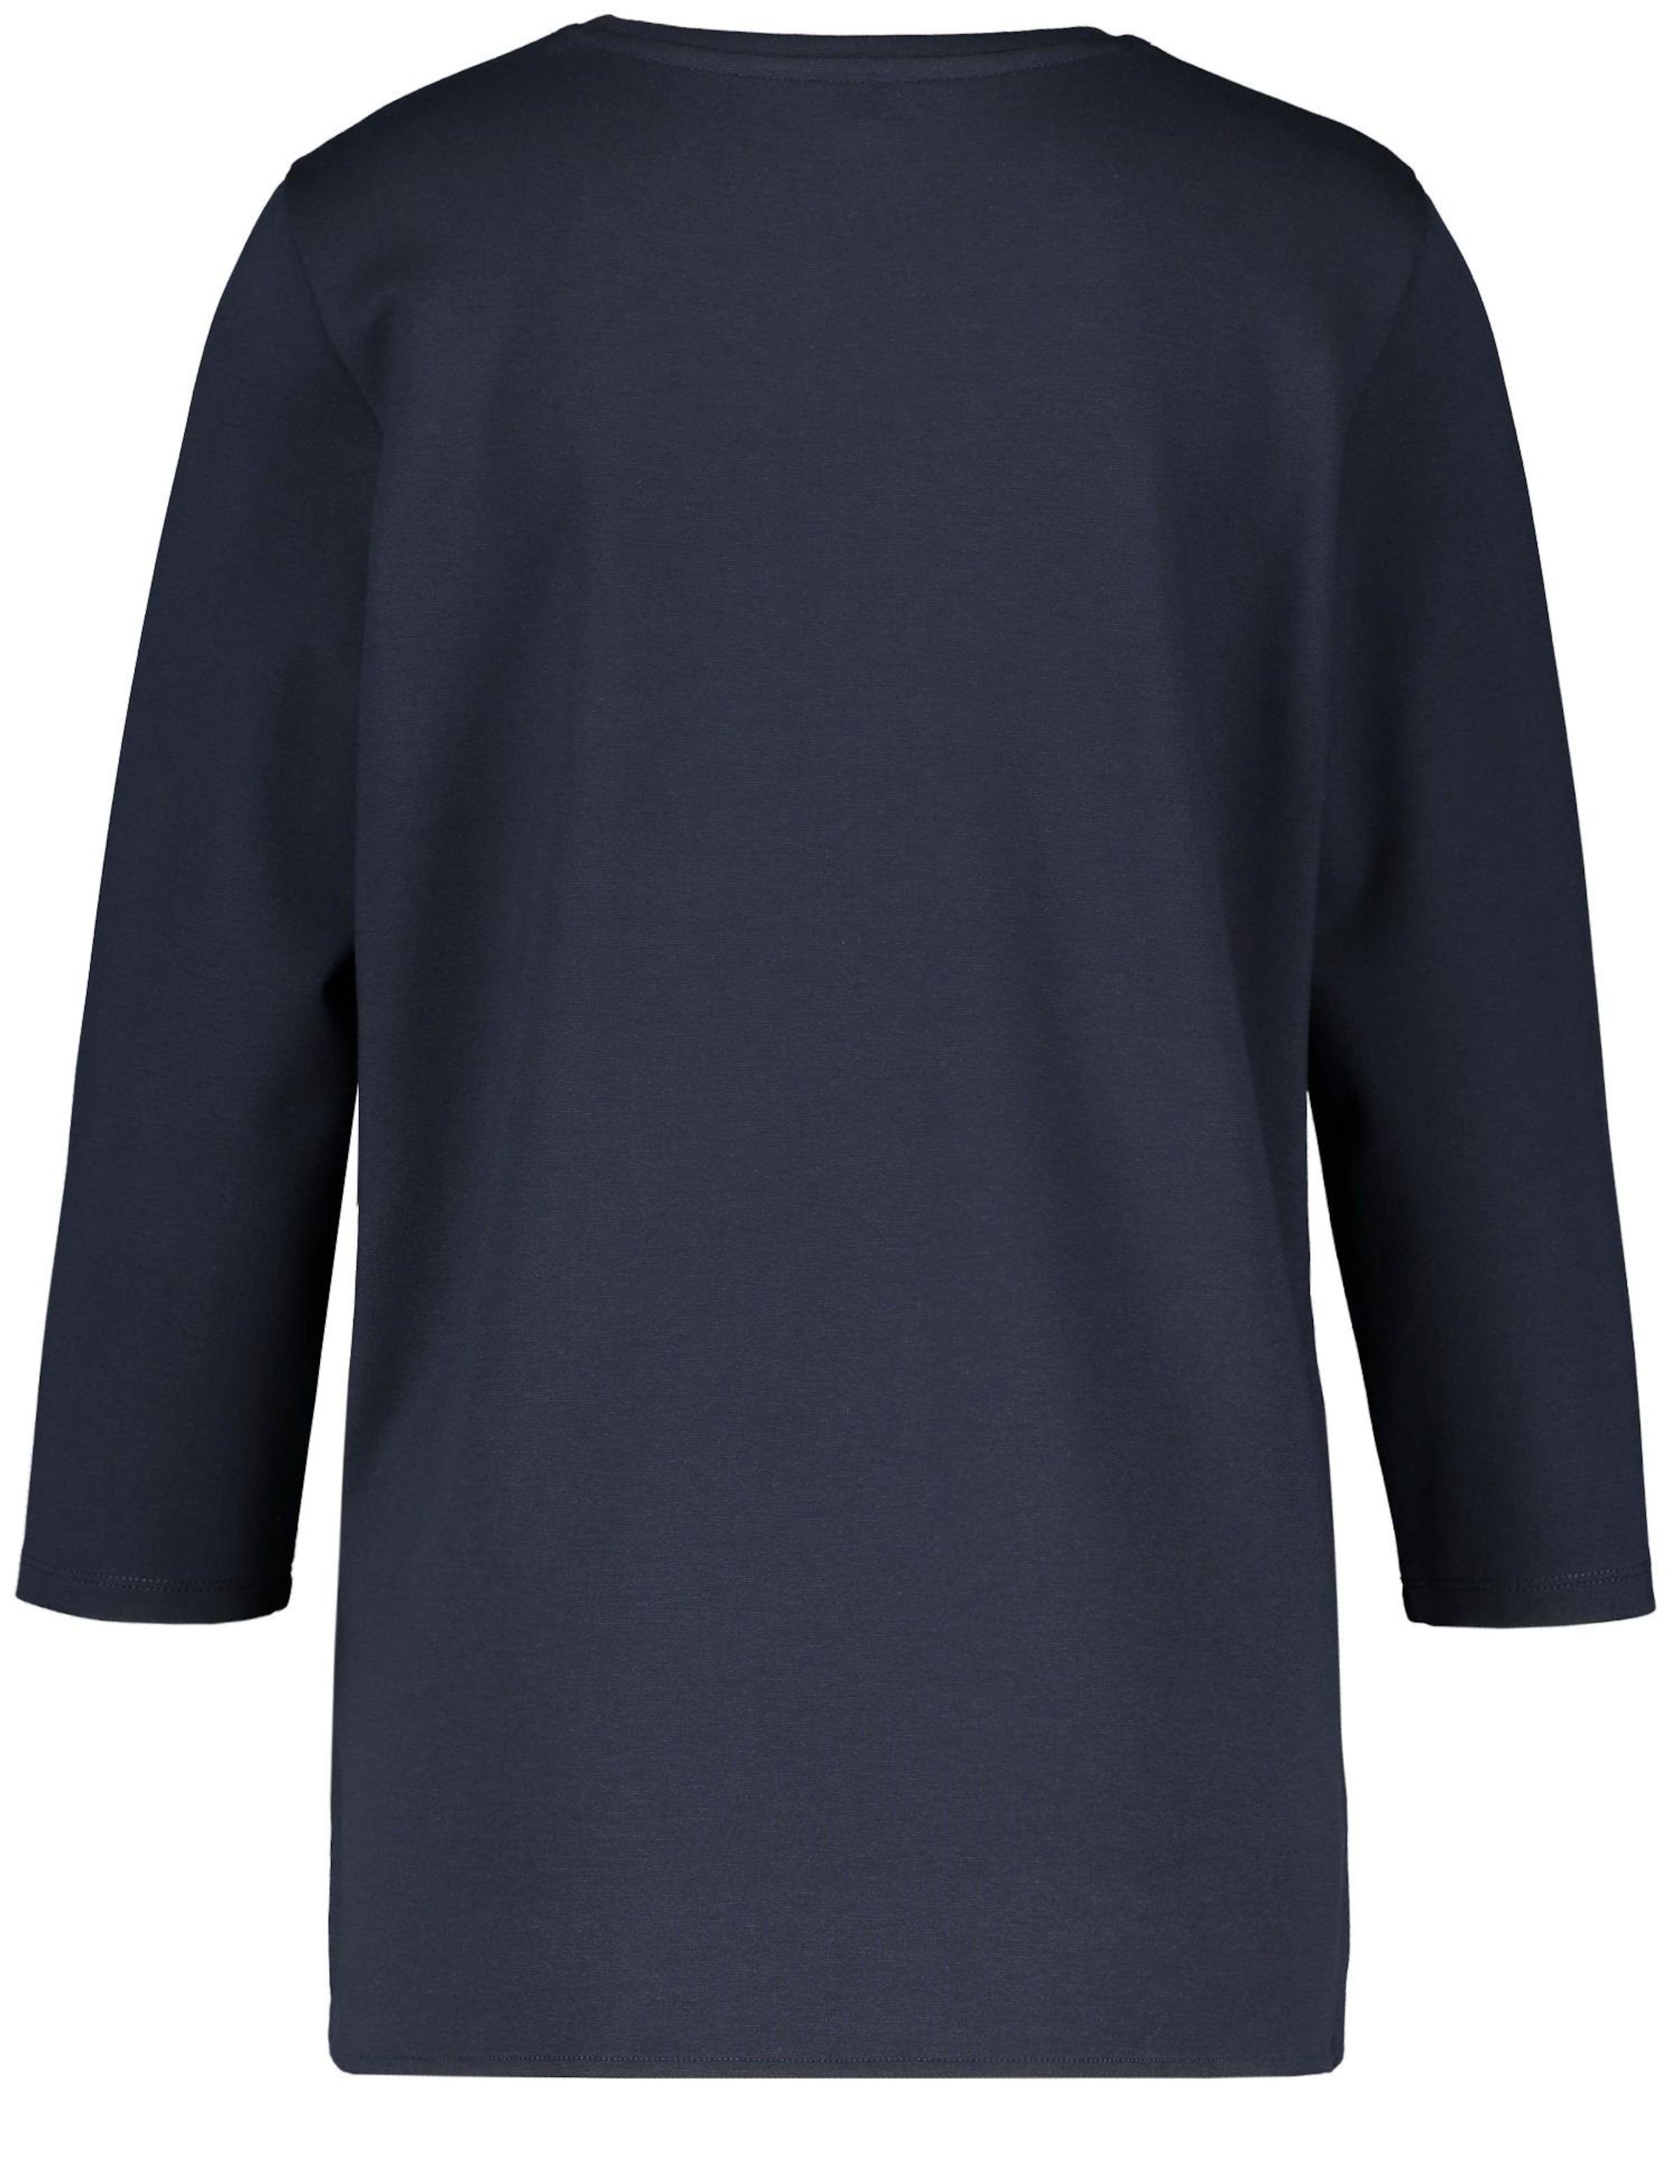 Gerry Weber Ultramarinblau Gerry Weber Weber In Ultramarinblau Gerry Shirt In Shirt mN80wOvn